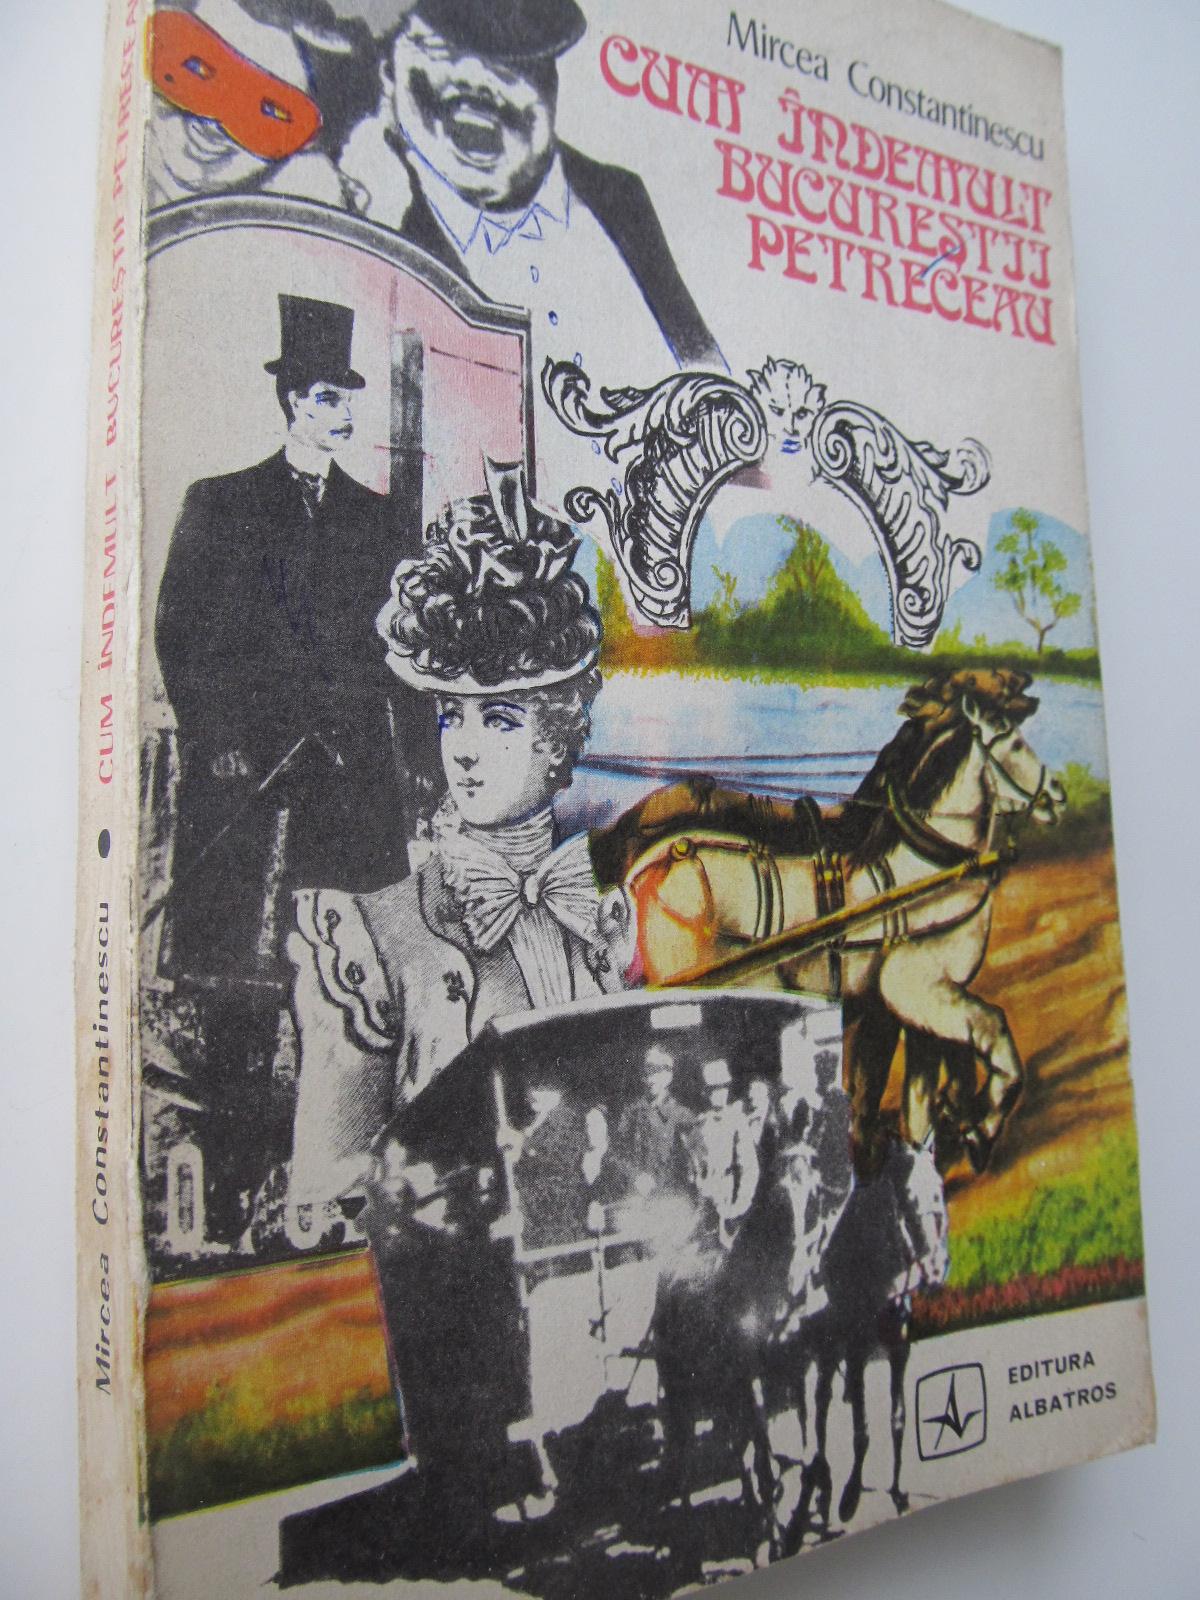 Carte Cum indemult Bucurestii petreceau - Mircea Constantinescu